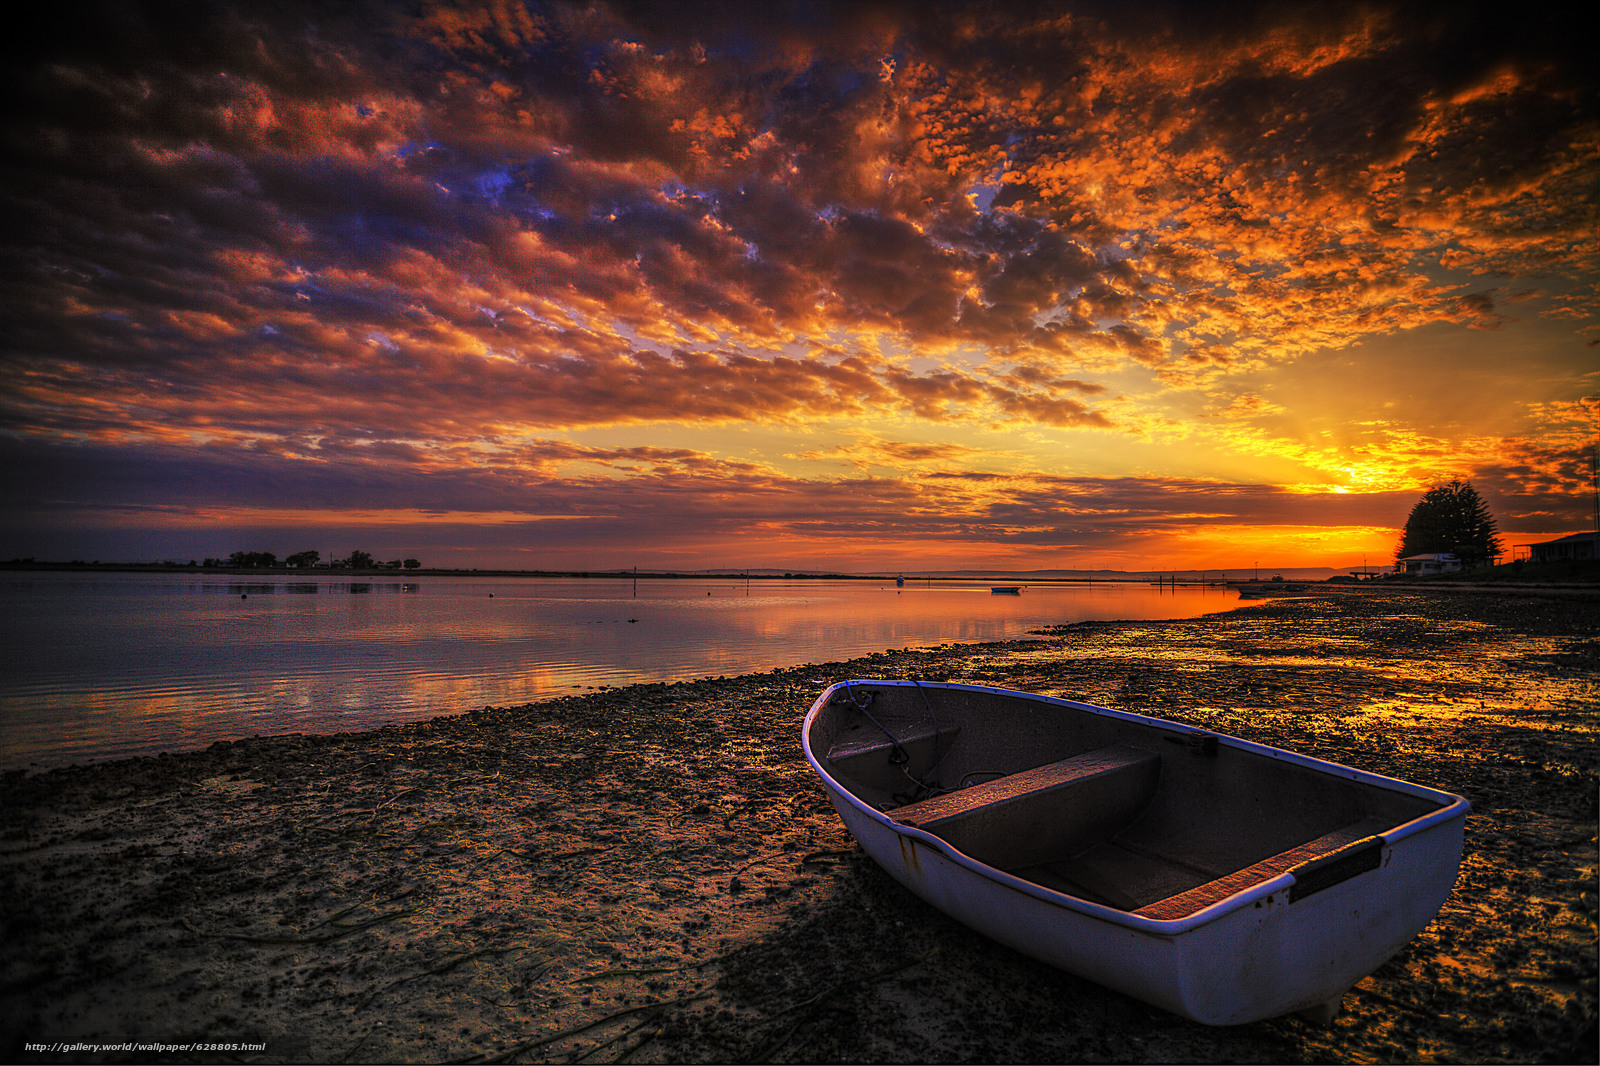 закат, берег, лодка, пейзаж